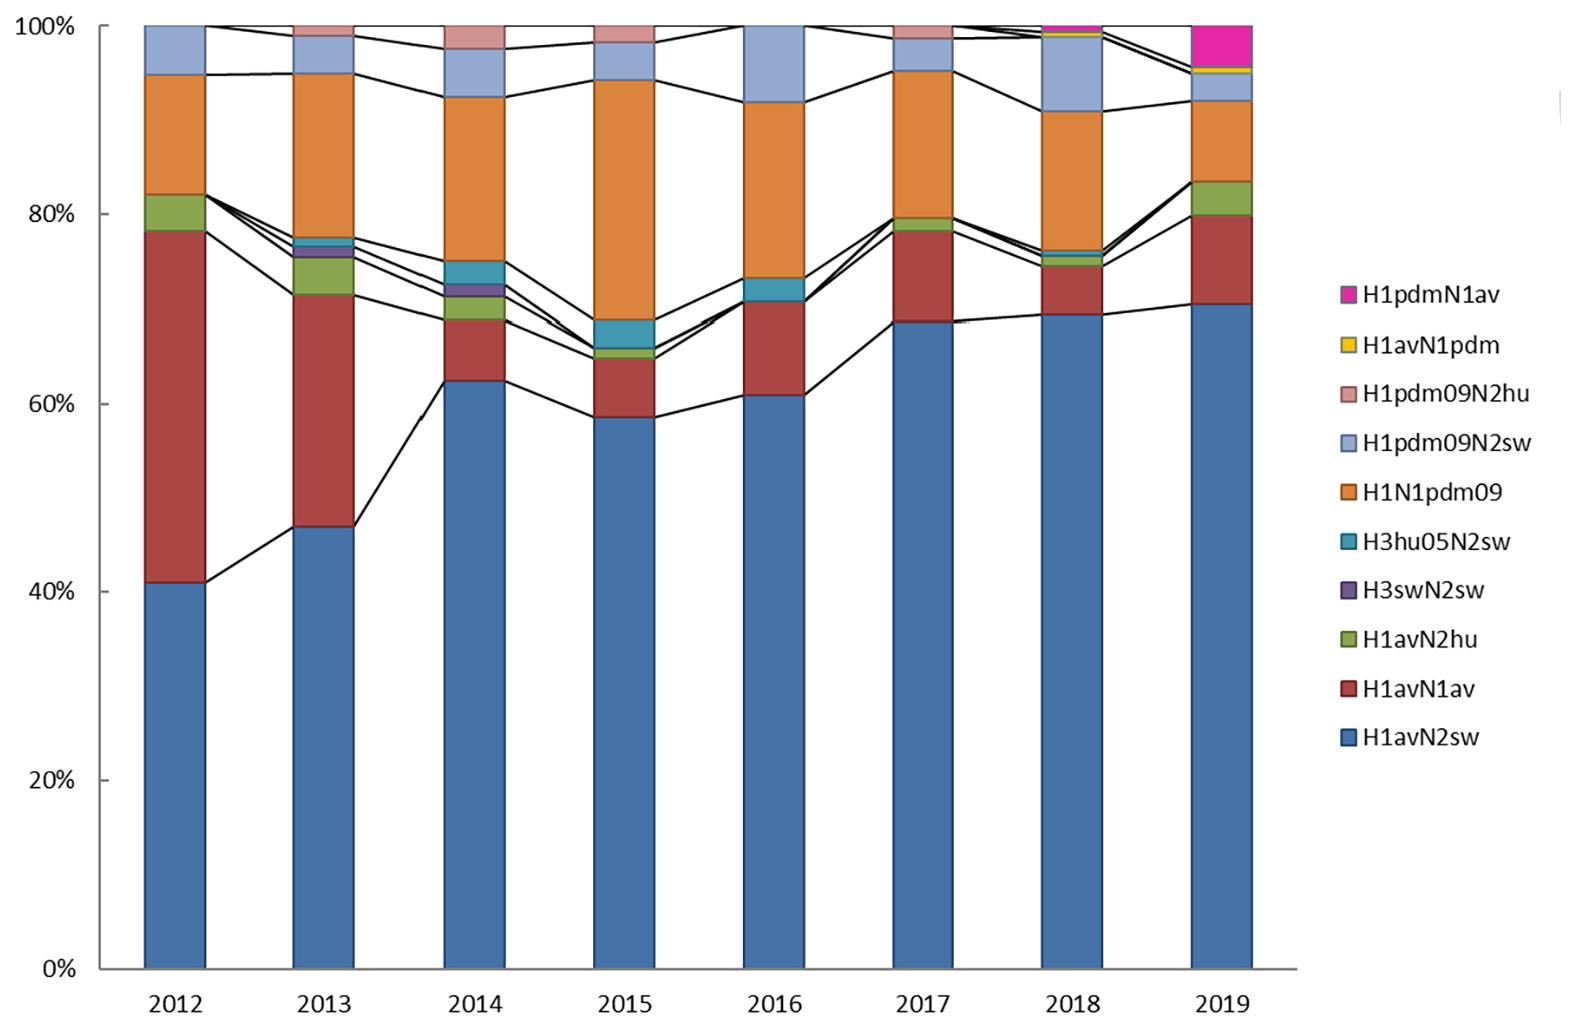 Graf - Fordeling af influenza A subtyper i procent af de subtypede indsendelser af prøver fra svin (kilde: Slutrapport 2019, Overvågning af influenza A virus i svin).